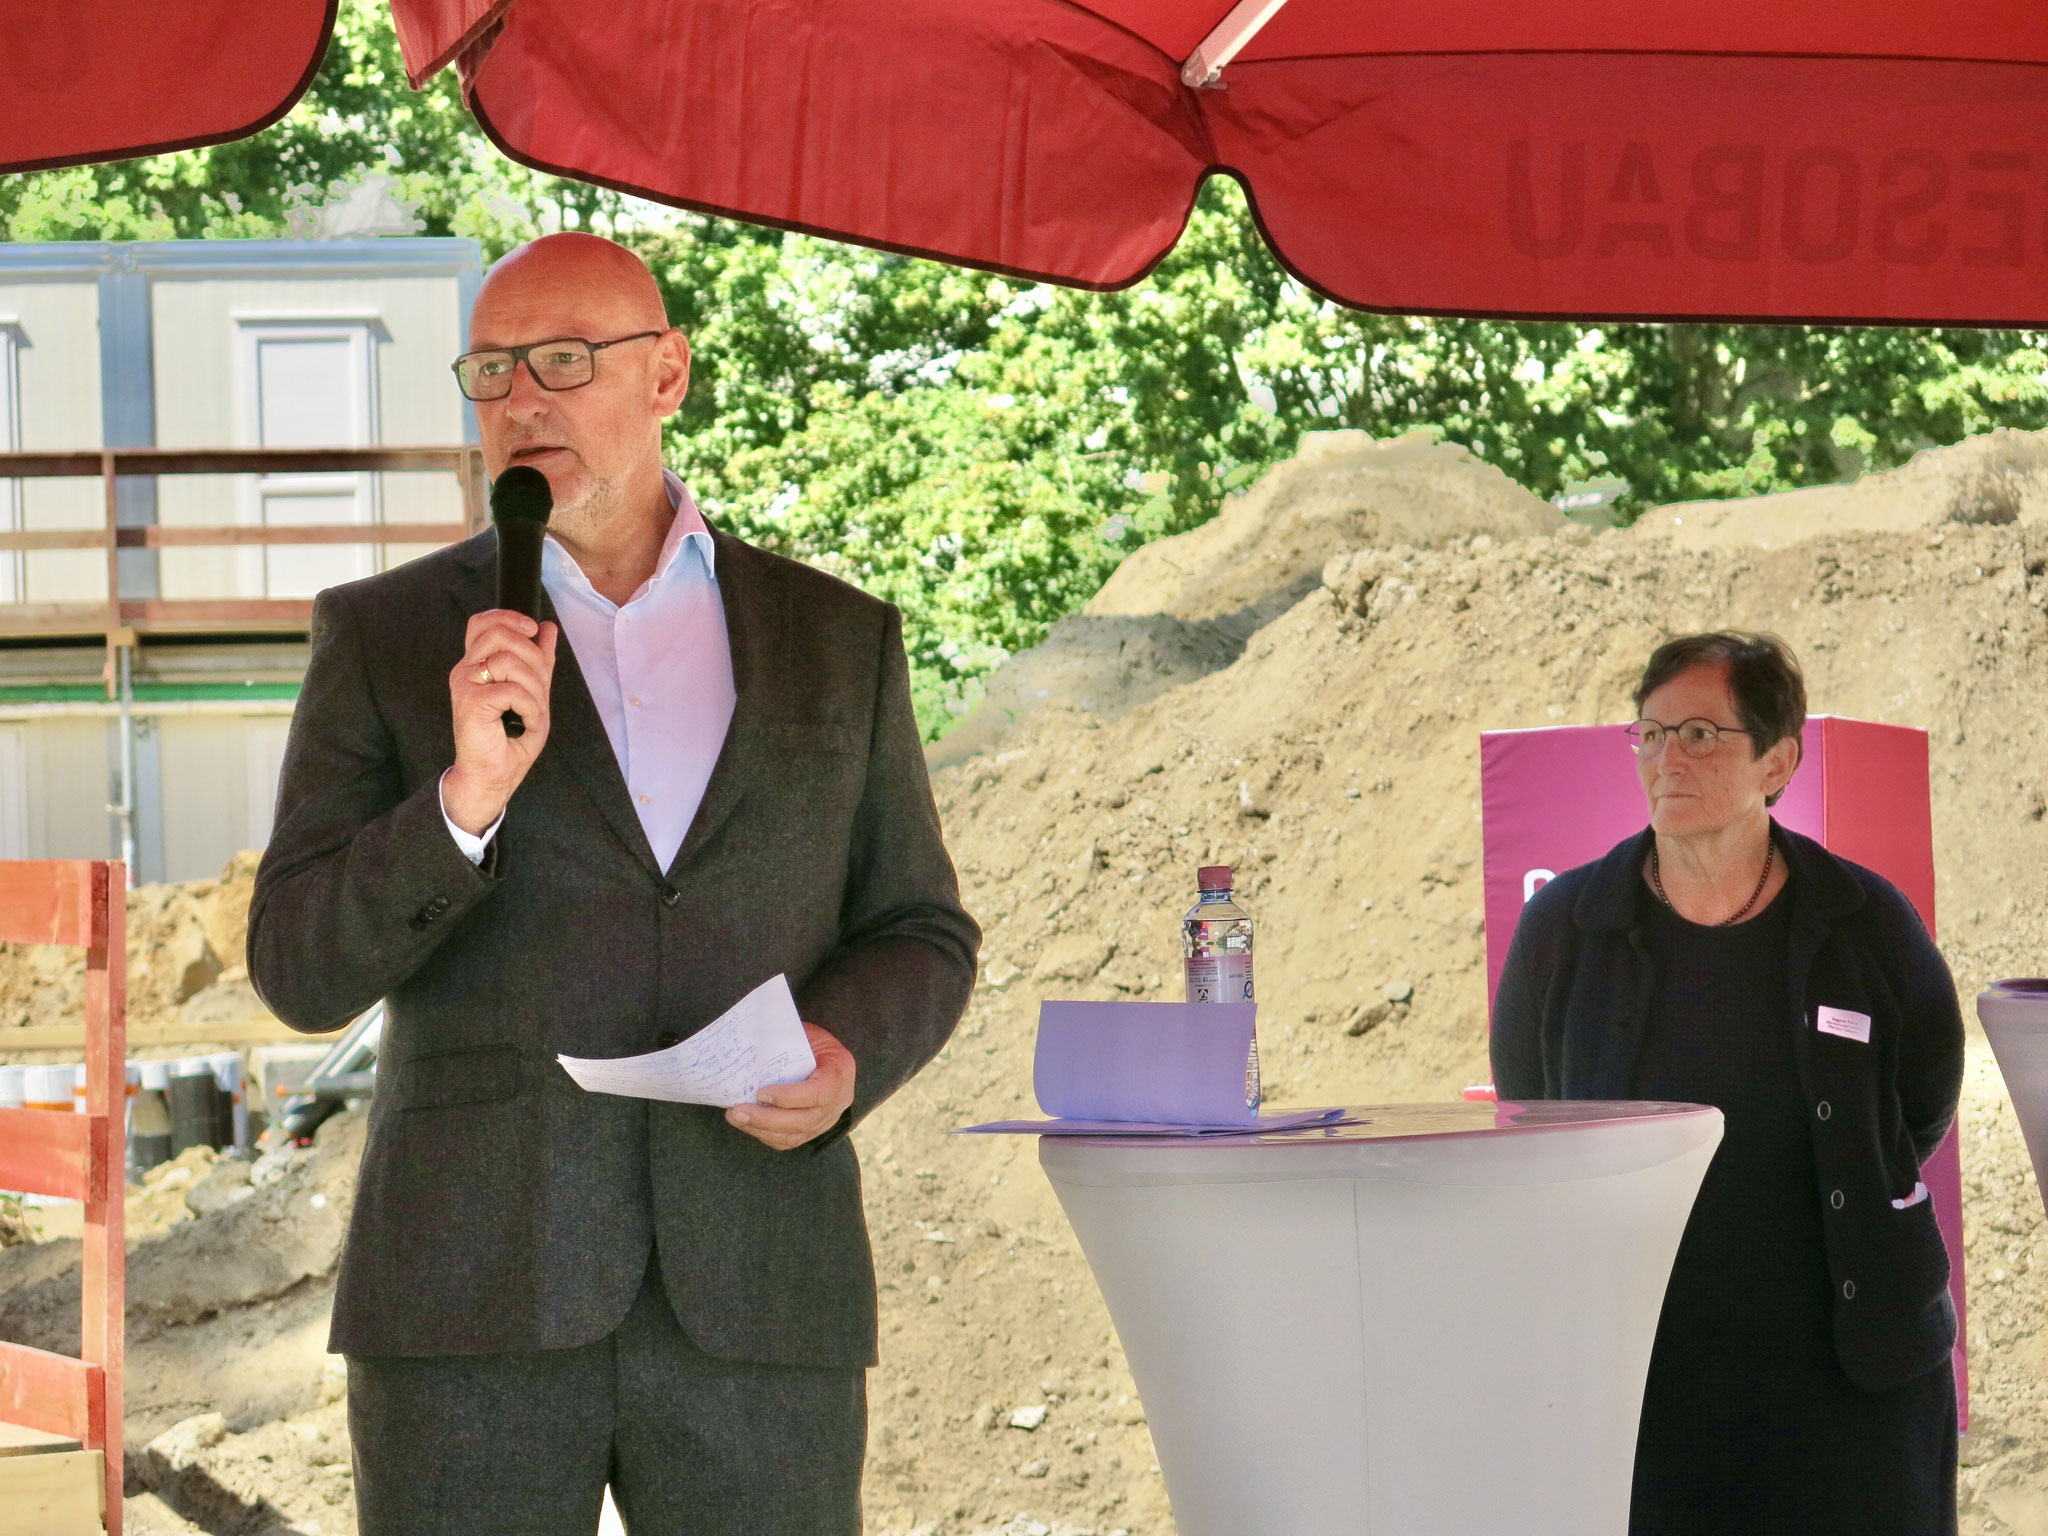 Jörg Franzen, Vorstandsvorsitzender der Gesobau AG